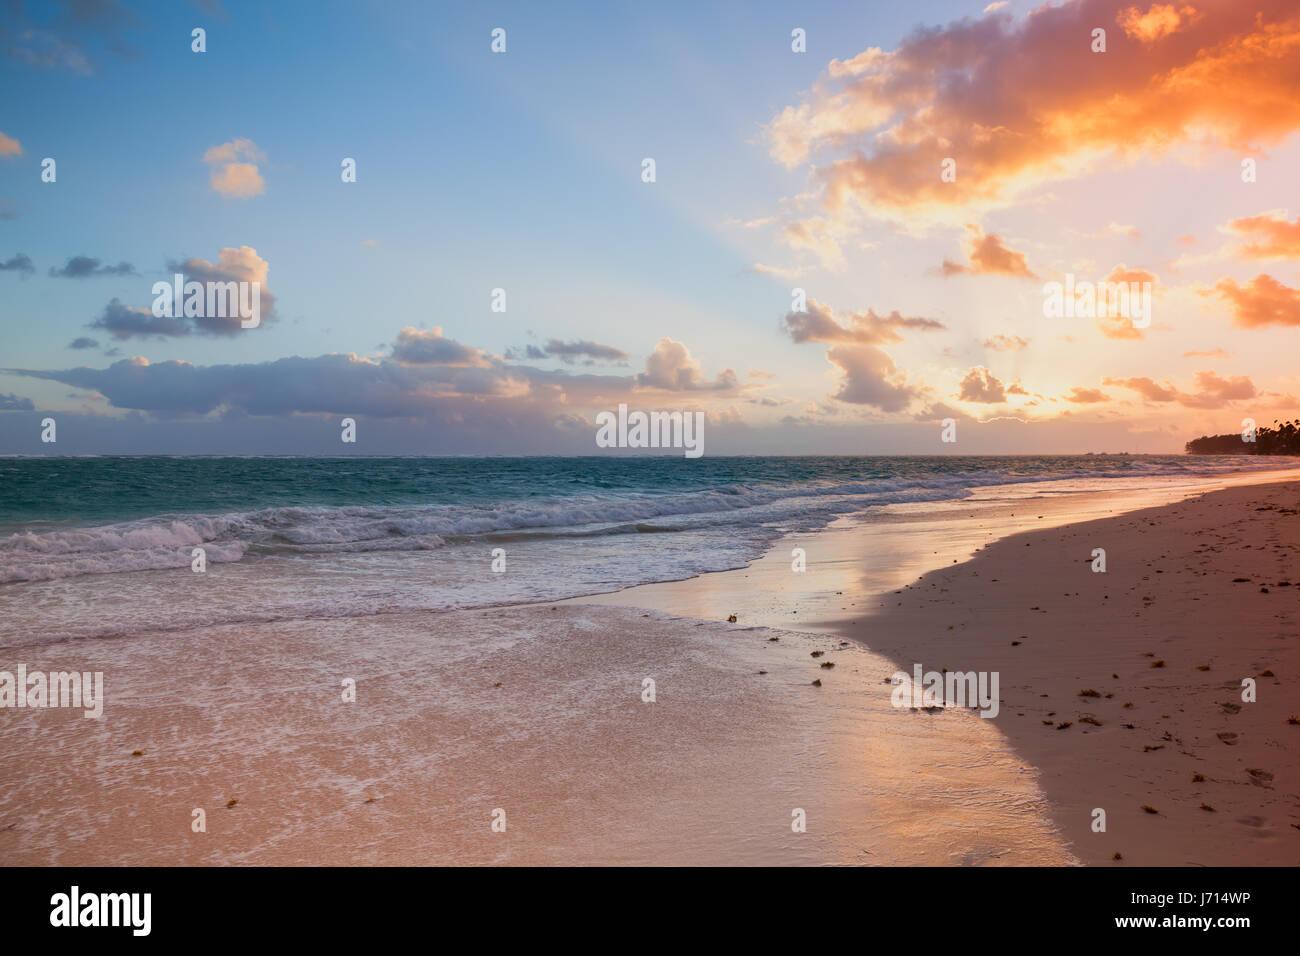 Lever de soleil sur l'orange côte de l'océan Atlantique, la plage de Bavaro, l'île d'Hispaniola. Photo Stock